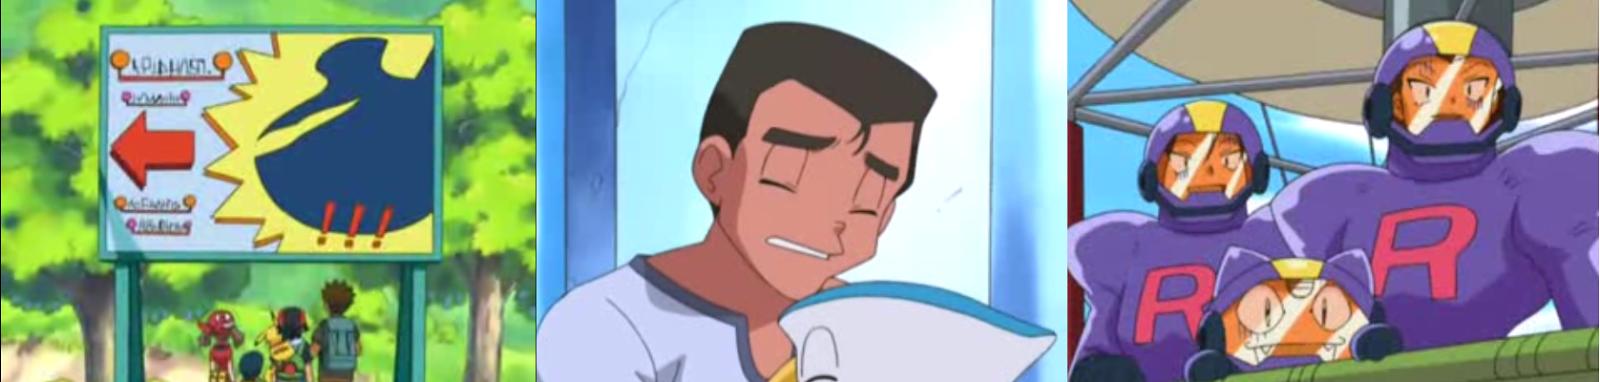 Pokemon Capitulo 10 Temporada 6 Un Bocado Peligroso